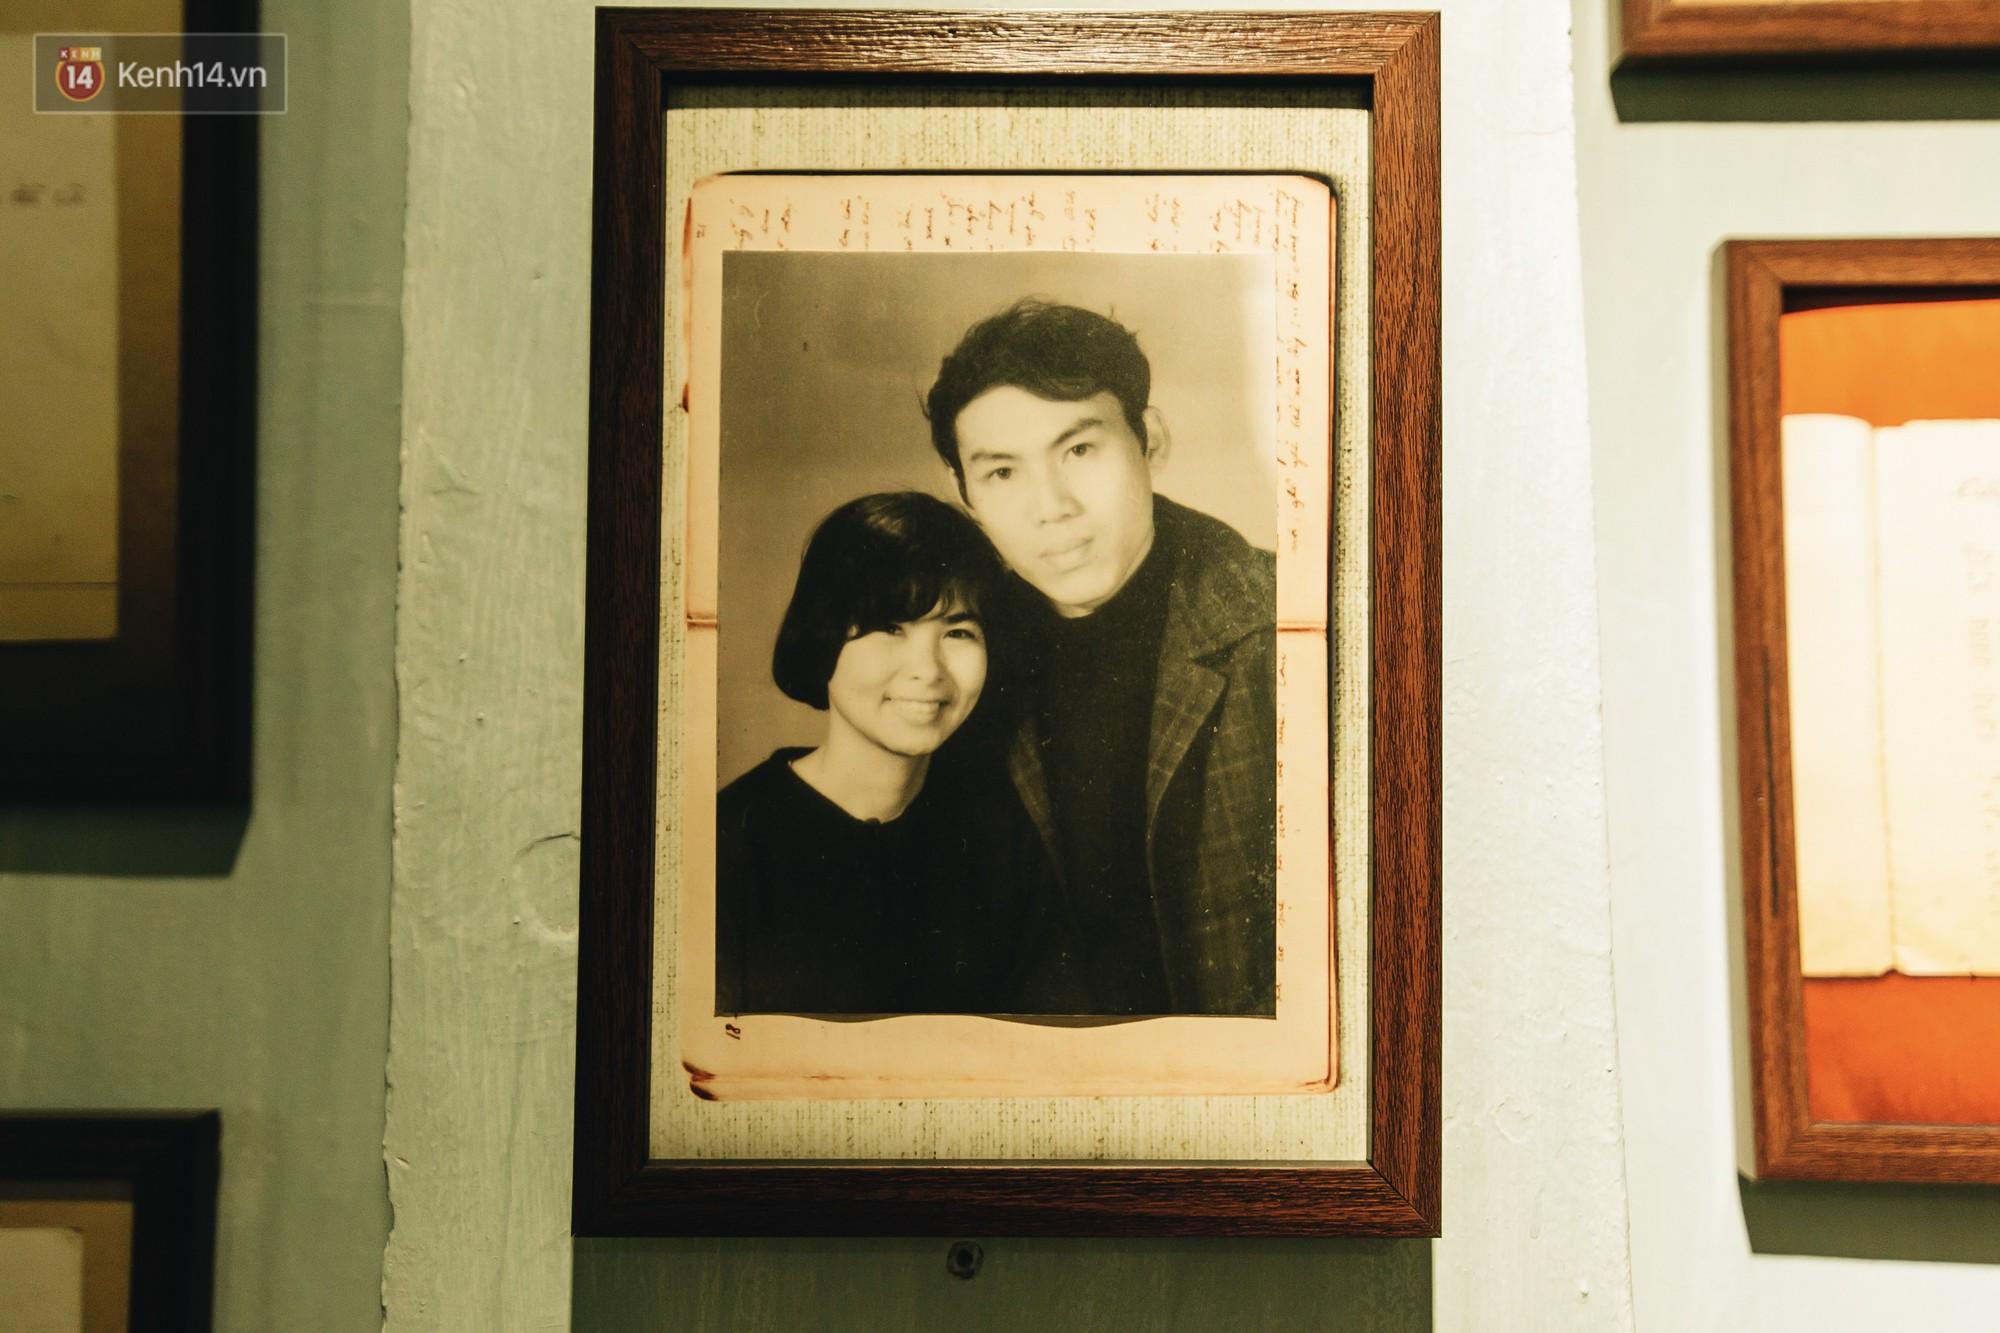 Chuyện về căn phòng 6m2 của vợ chồng Lưu Quang Vũ - Xuân Quỳnh và đêm thơ tưởng nhớ đầy cảm xúc ở Hà Nội - Ảnh 1.